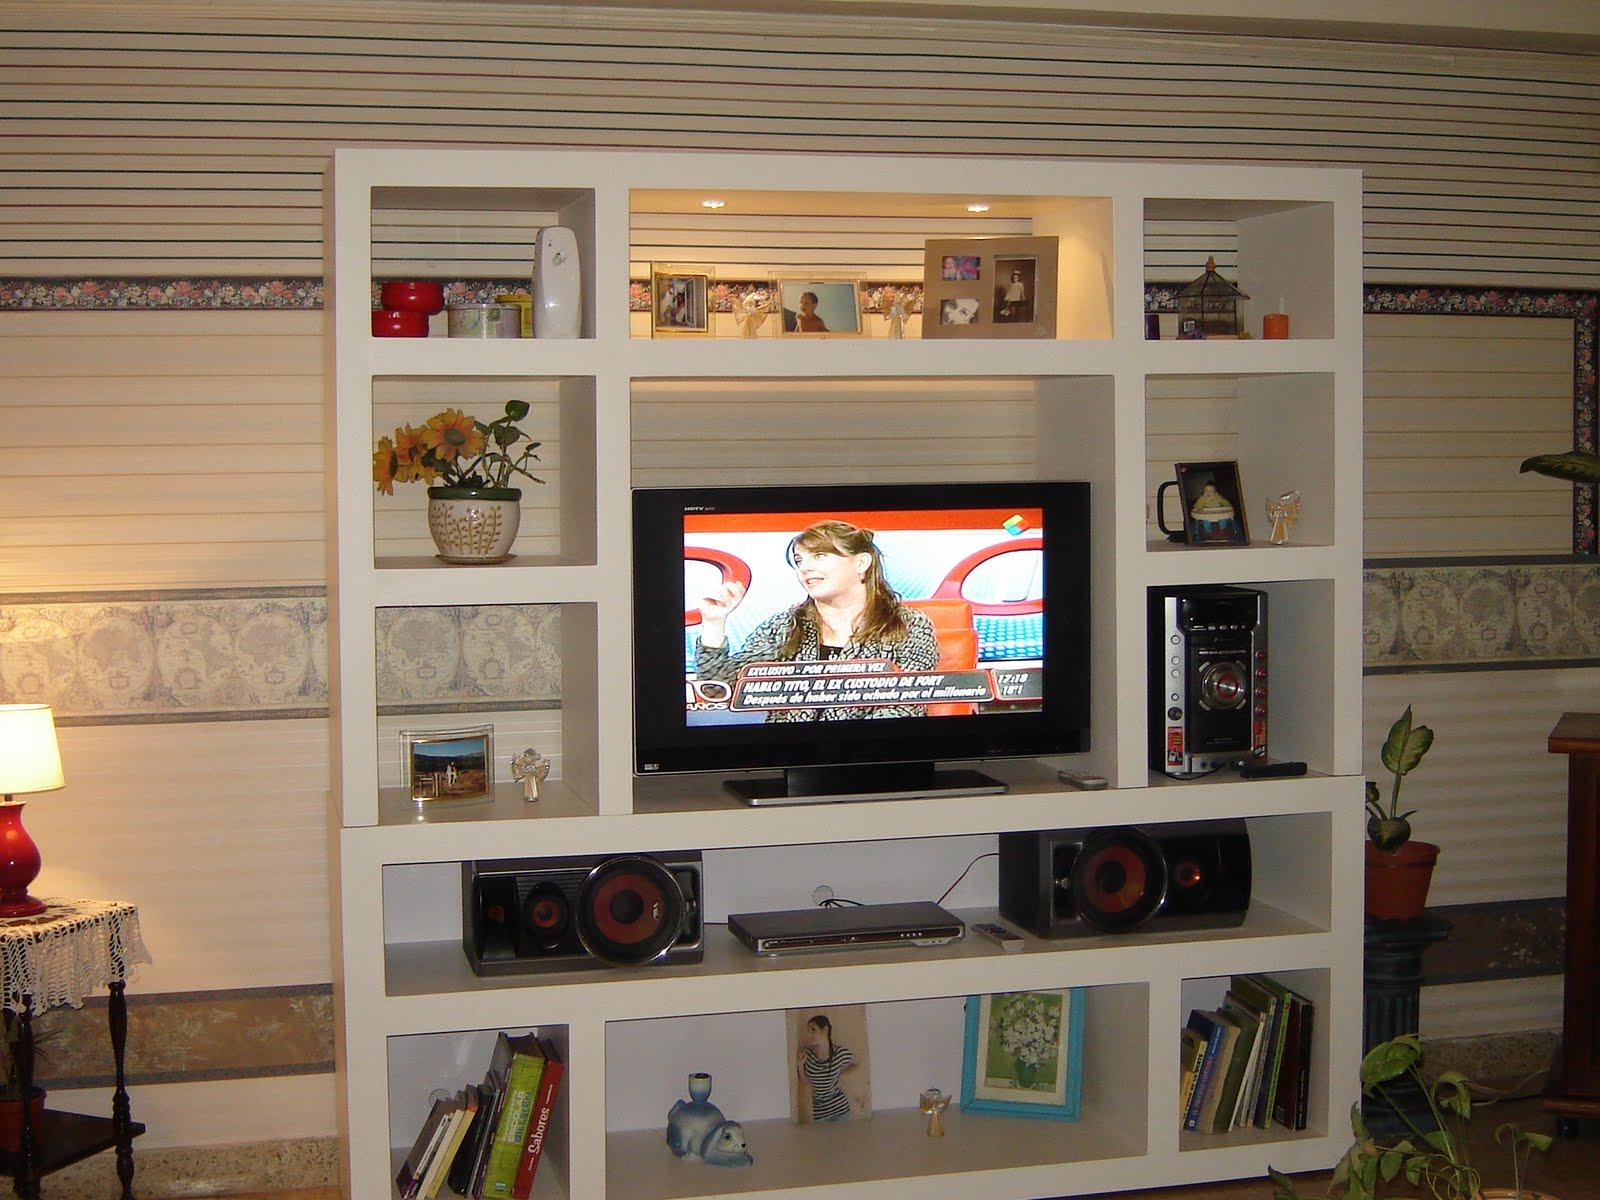 Imagenes de muebles para tv de tablaroca - Muebles para television ...